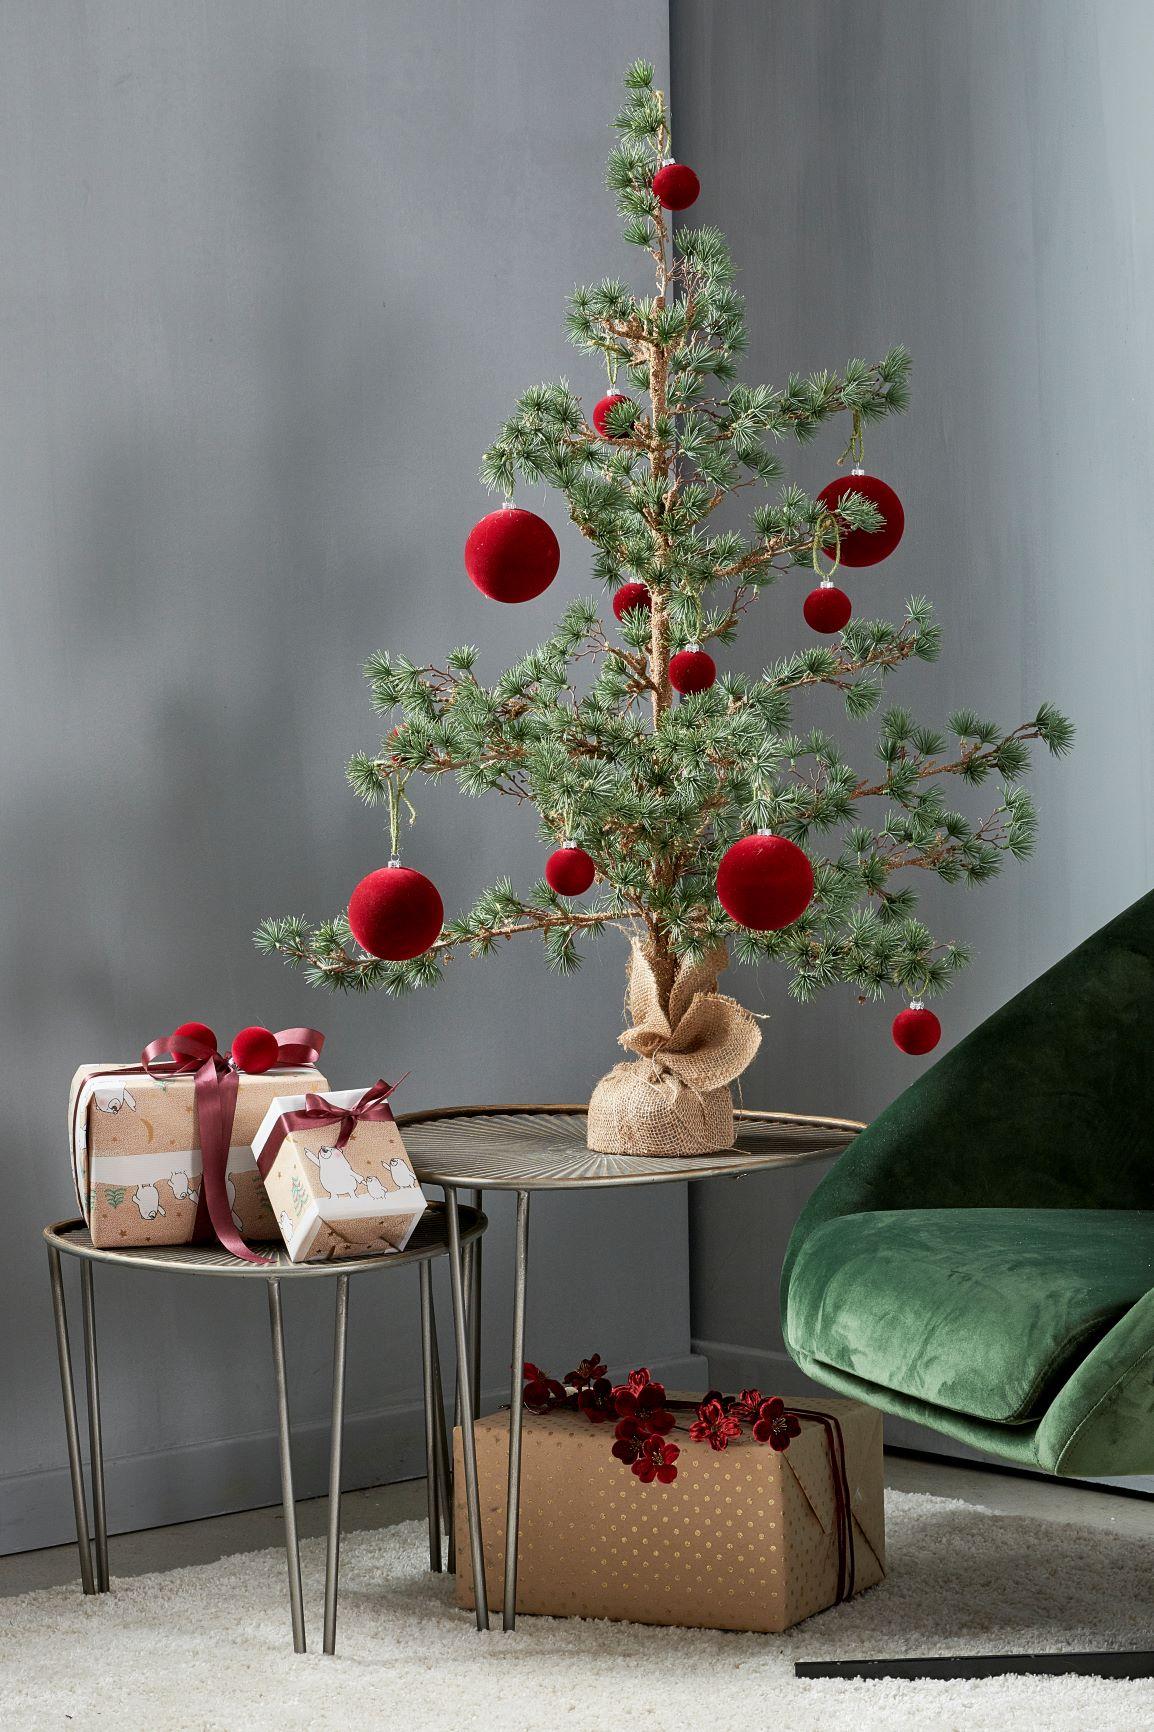 casa boompje kerst